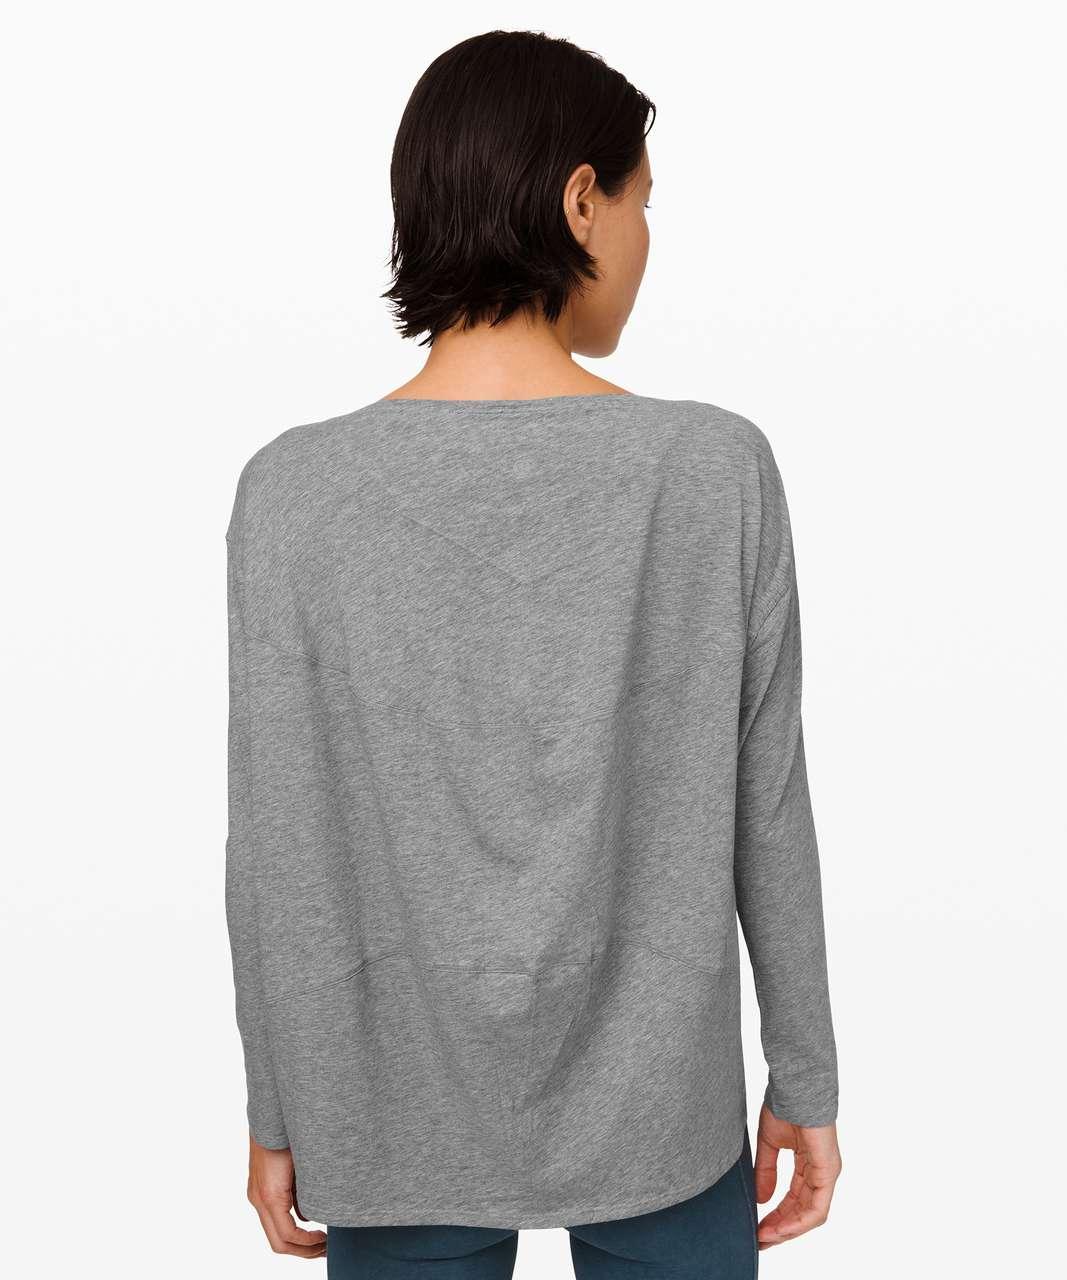 Lululemon Back In Action Long Sleeve - Heathered Core Medium Grey